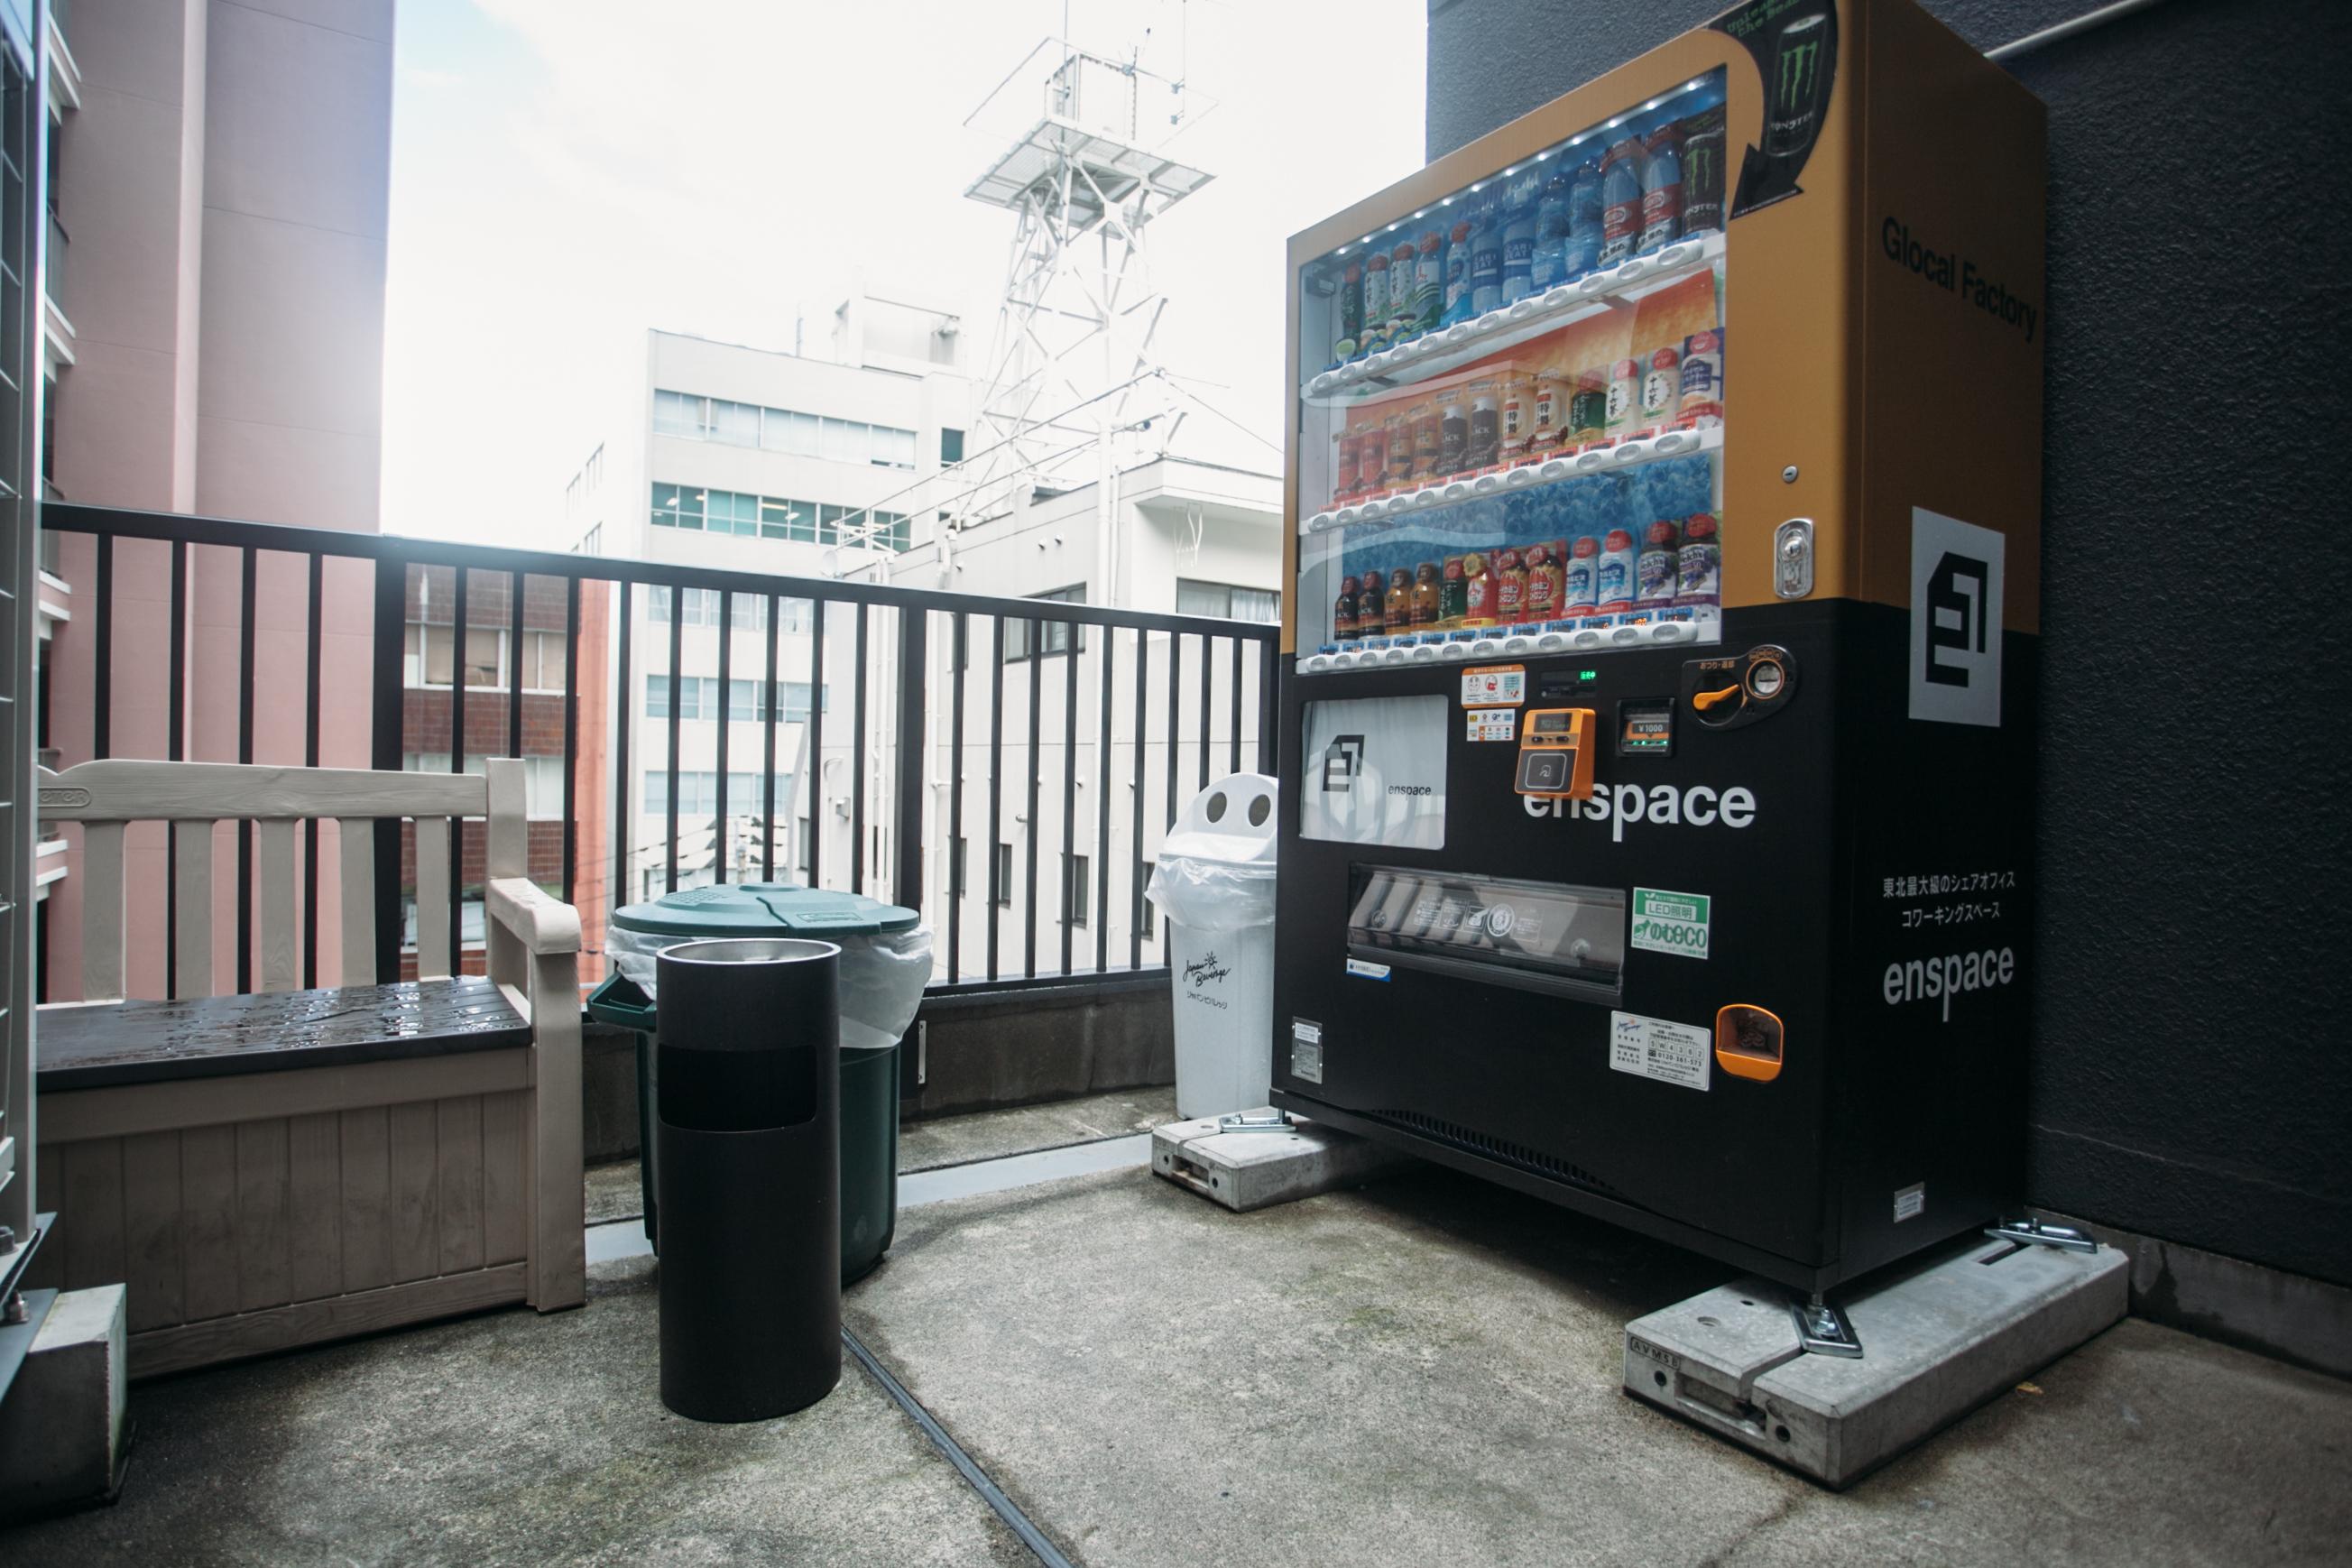 自動販売機は通常よりも割引価格で利用できます